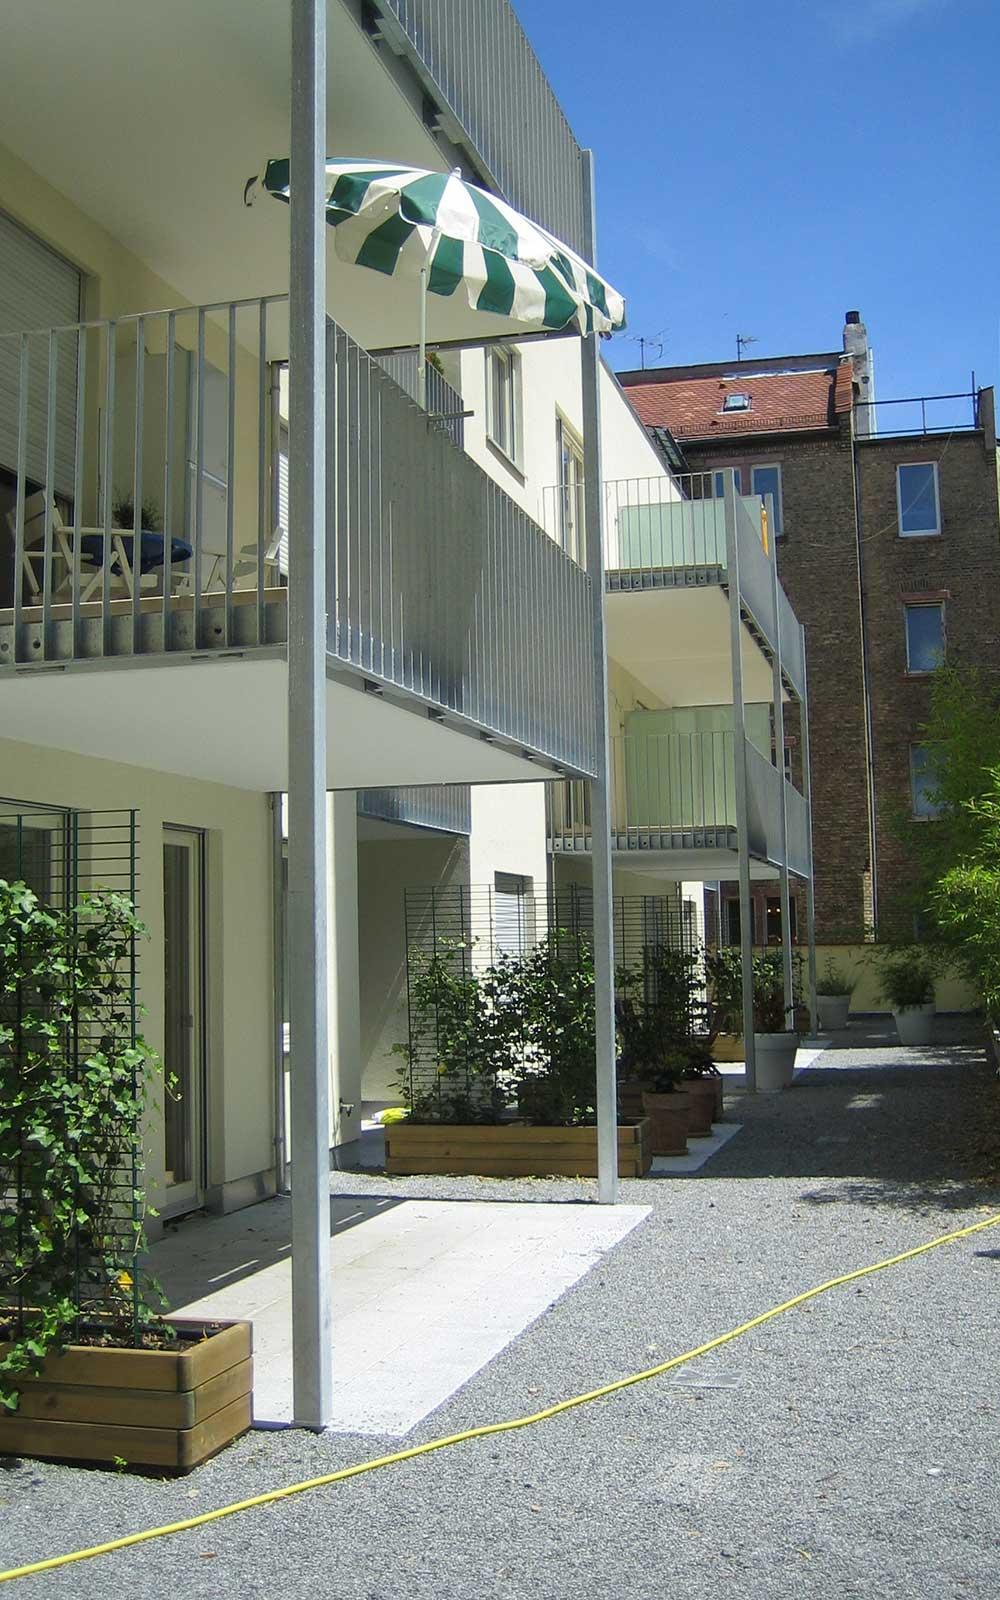 Mehrfamilienhaus in Neuenheim, Kochhan und Weckbach Architekten Heidelberg